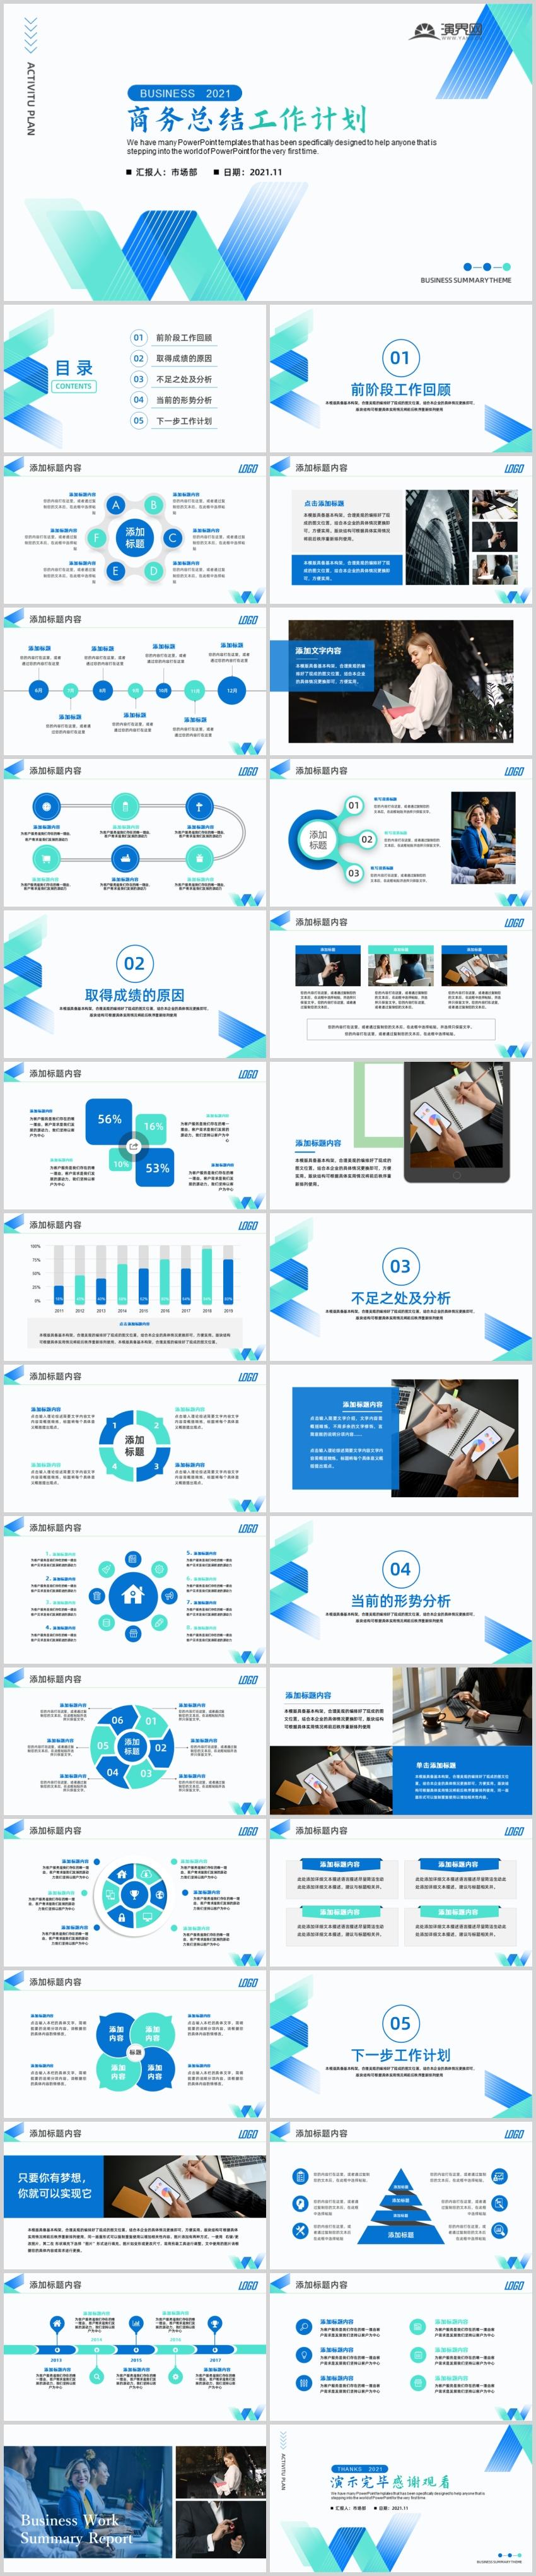 蓝色创意折纸商务总结述职报告时尚PPT模板